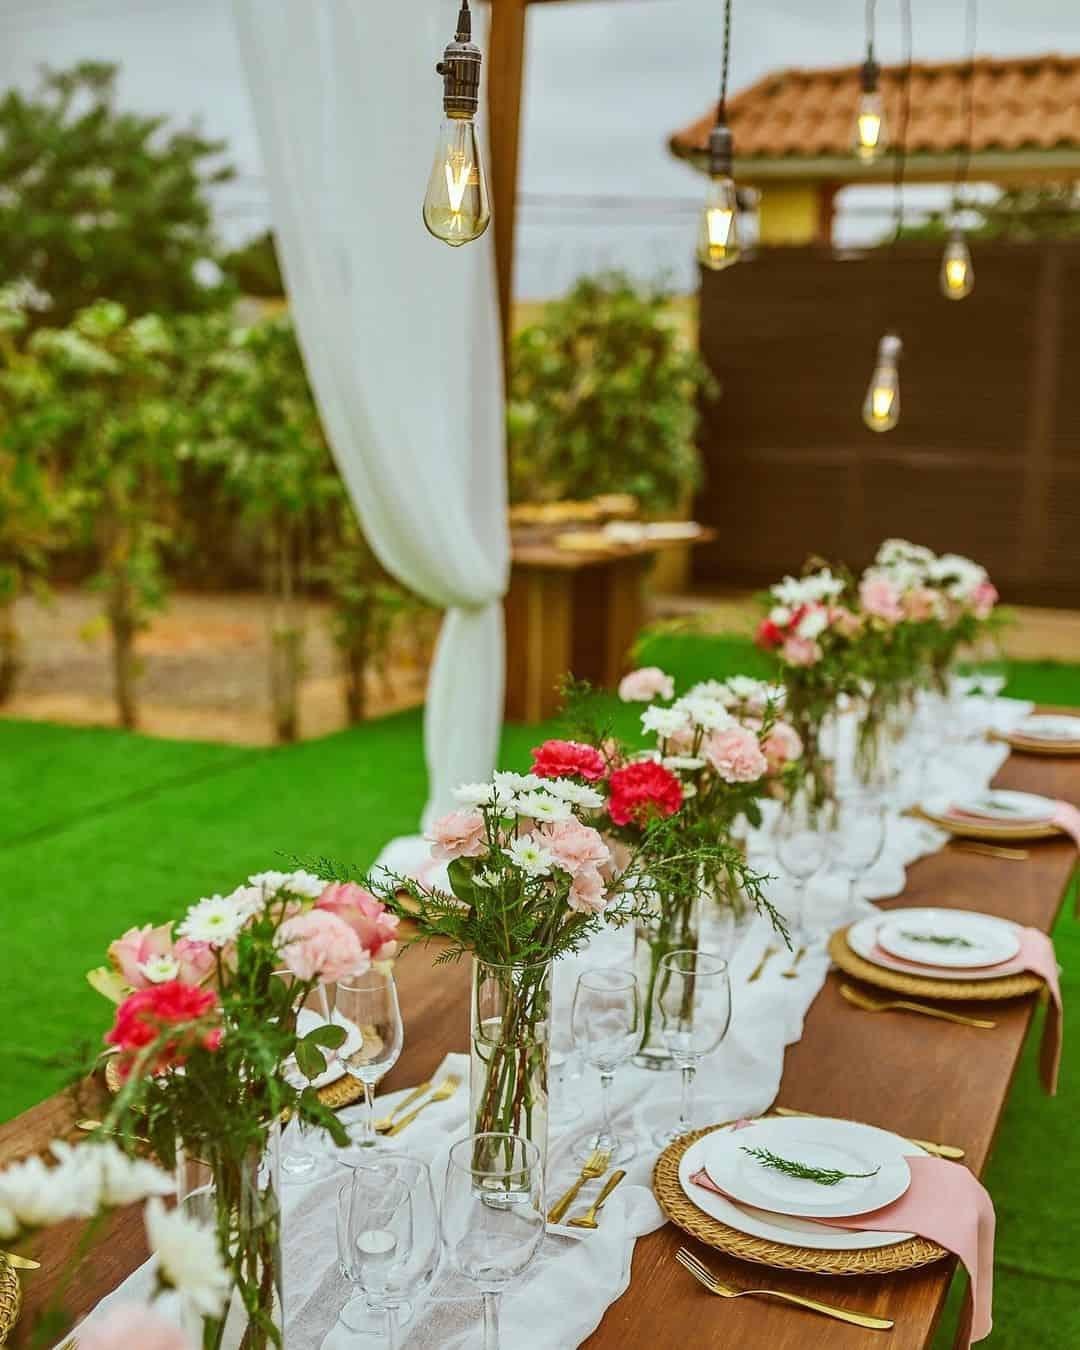 Mesa retangular para acomodar convidados em casamento no quintal.